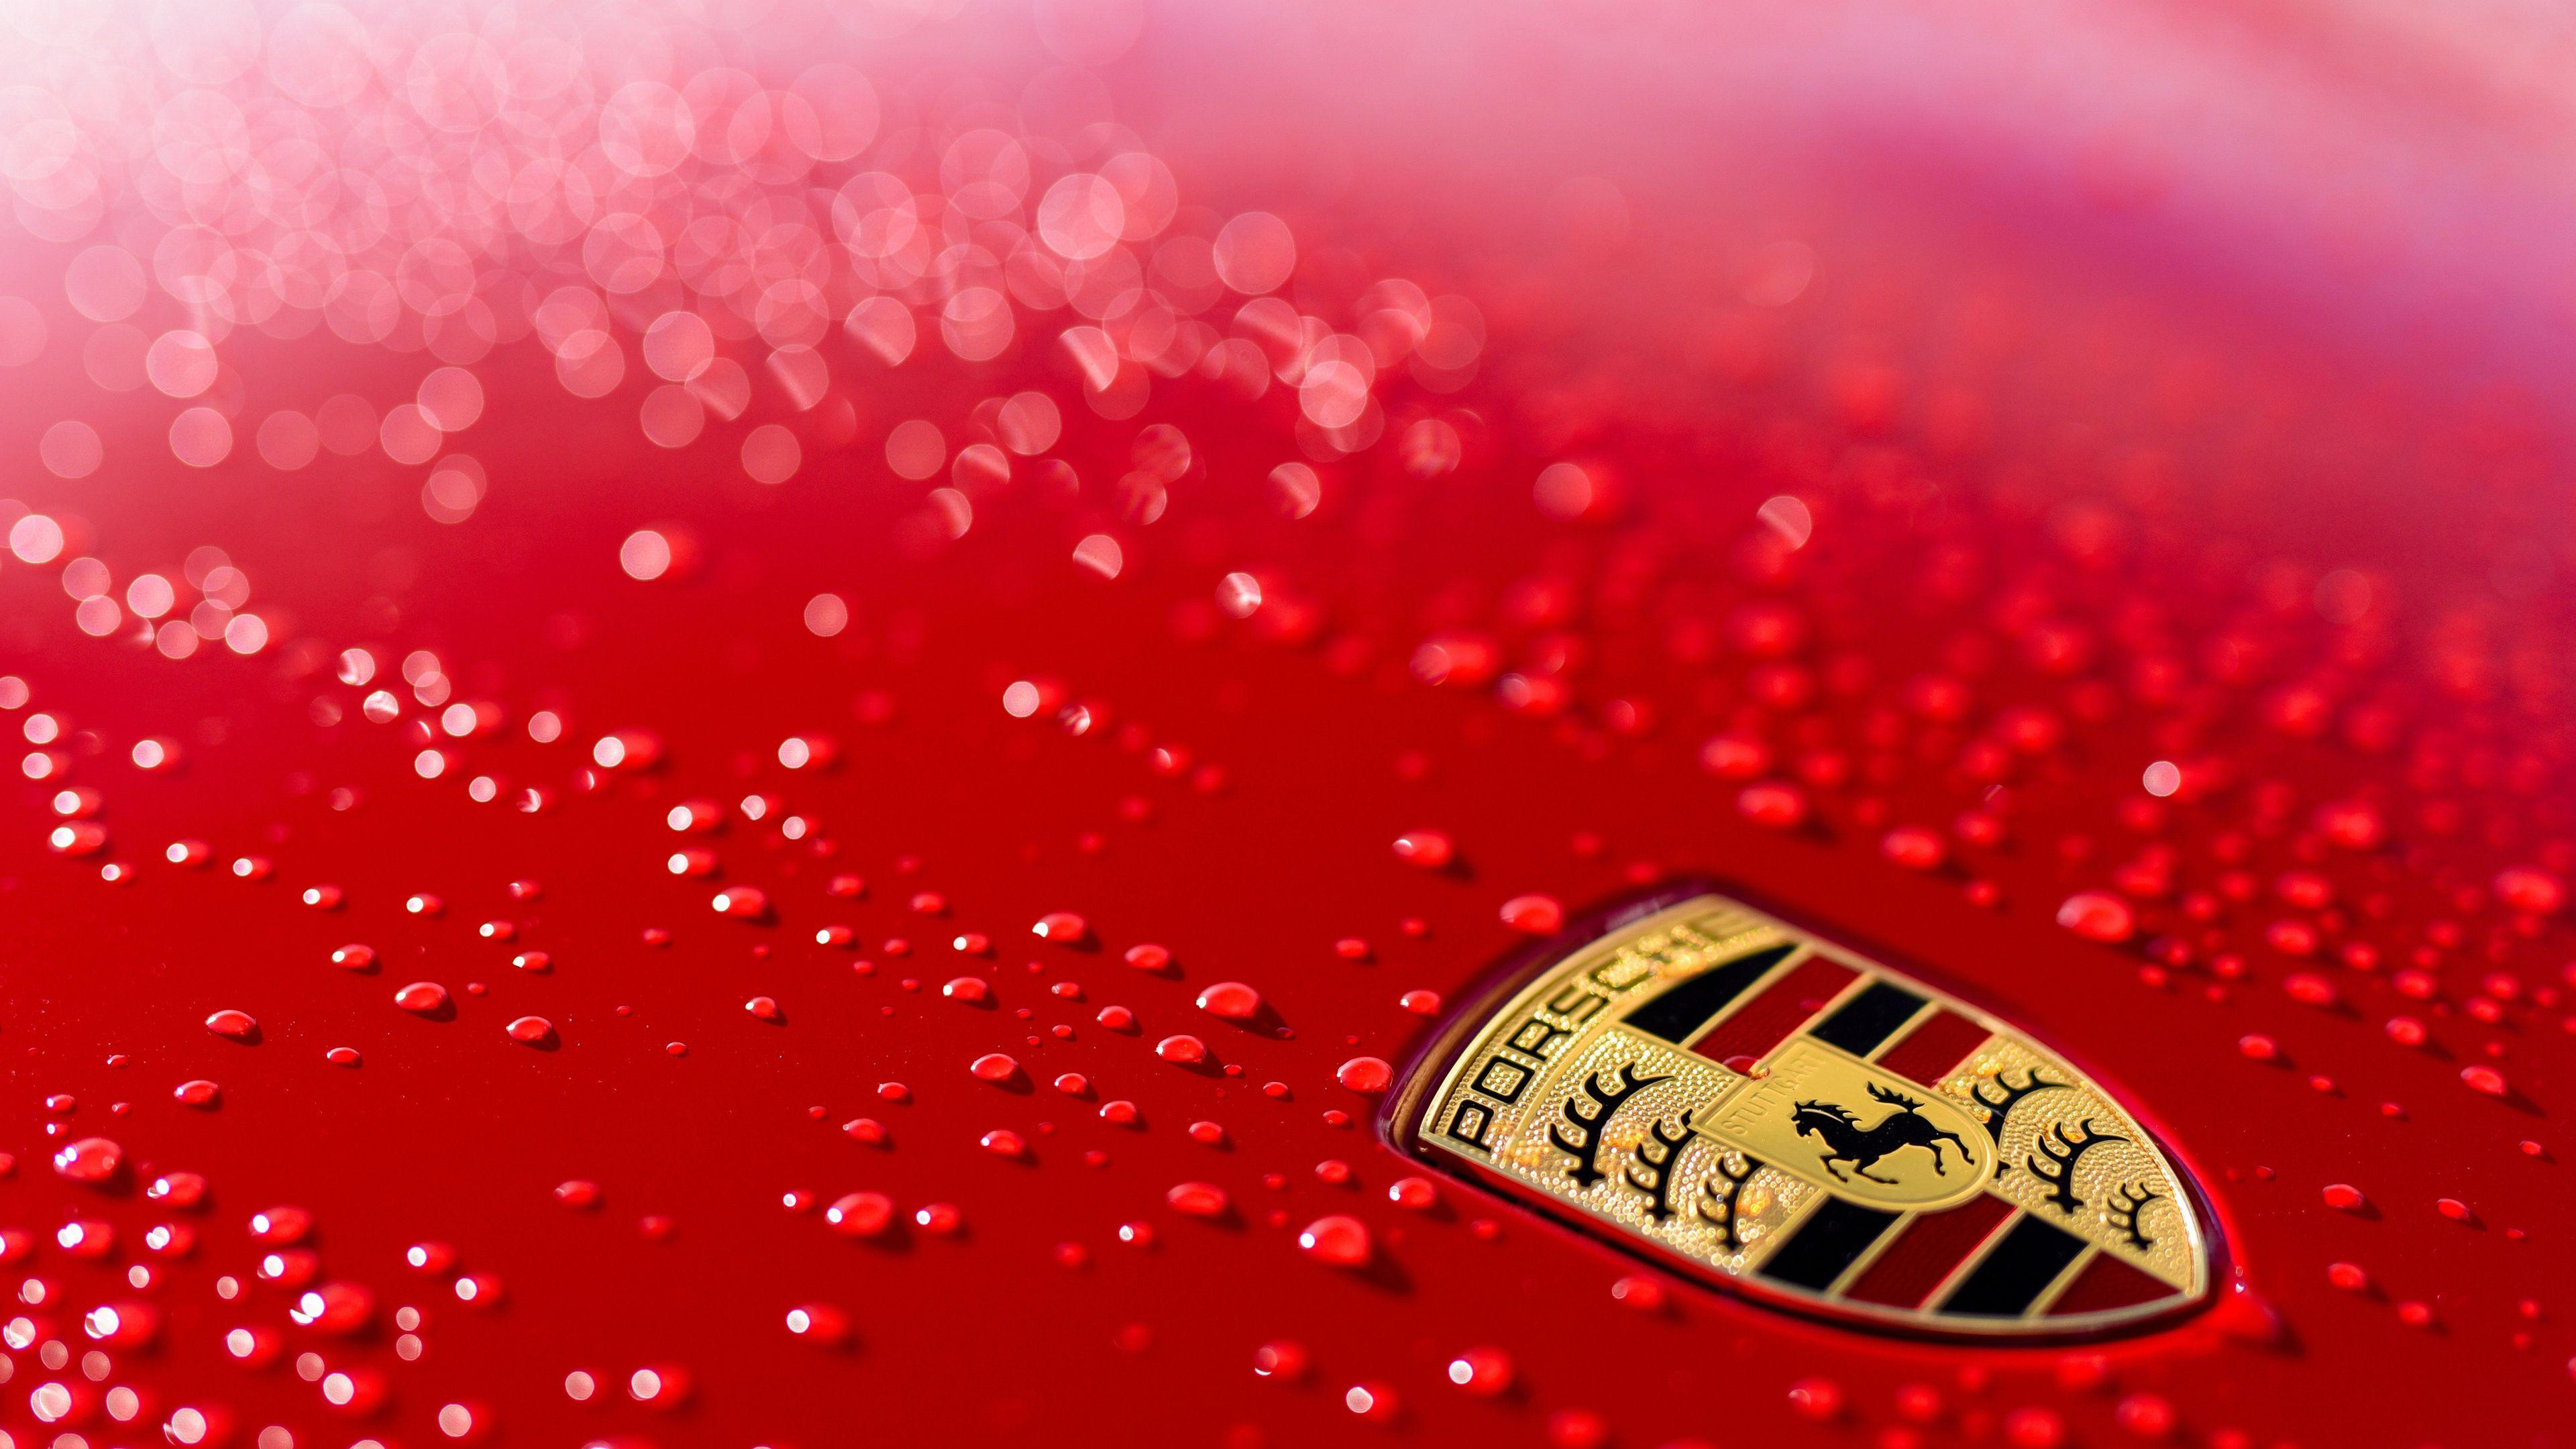 Porsche Logo 4k Porsche Wallpapers Logo Wallpapers Hd Wallpapers Cars Wallpapers 4k Wallpapers Porsche Logo Car Logos Car Wallpapers